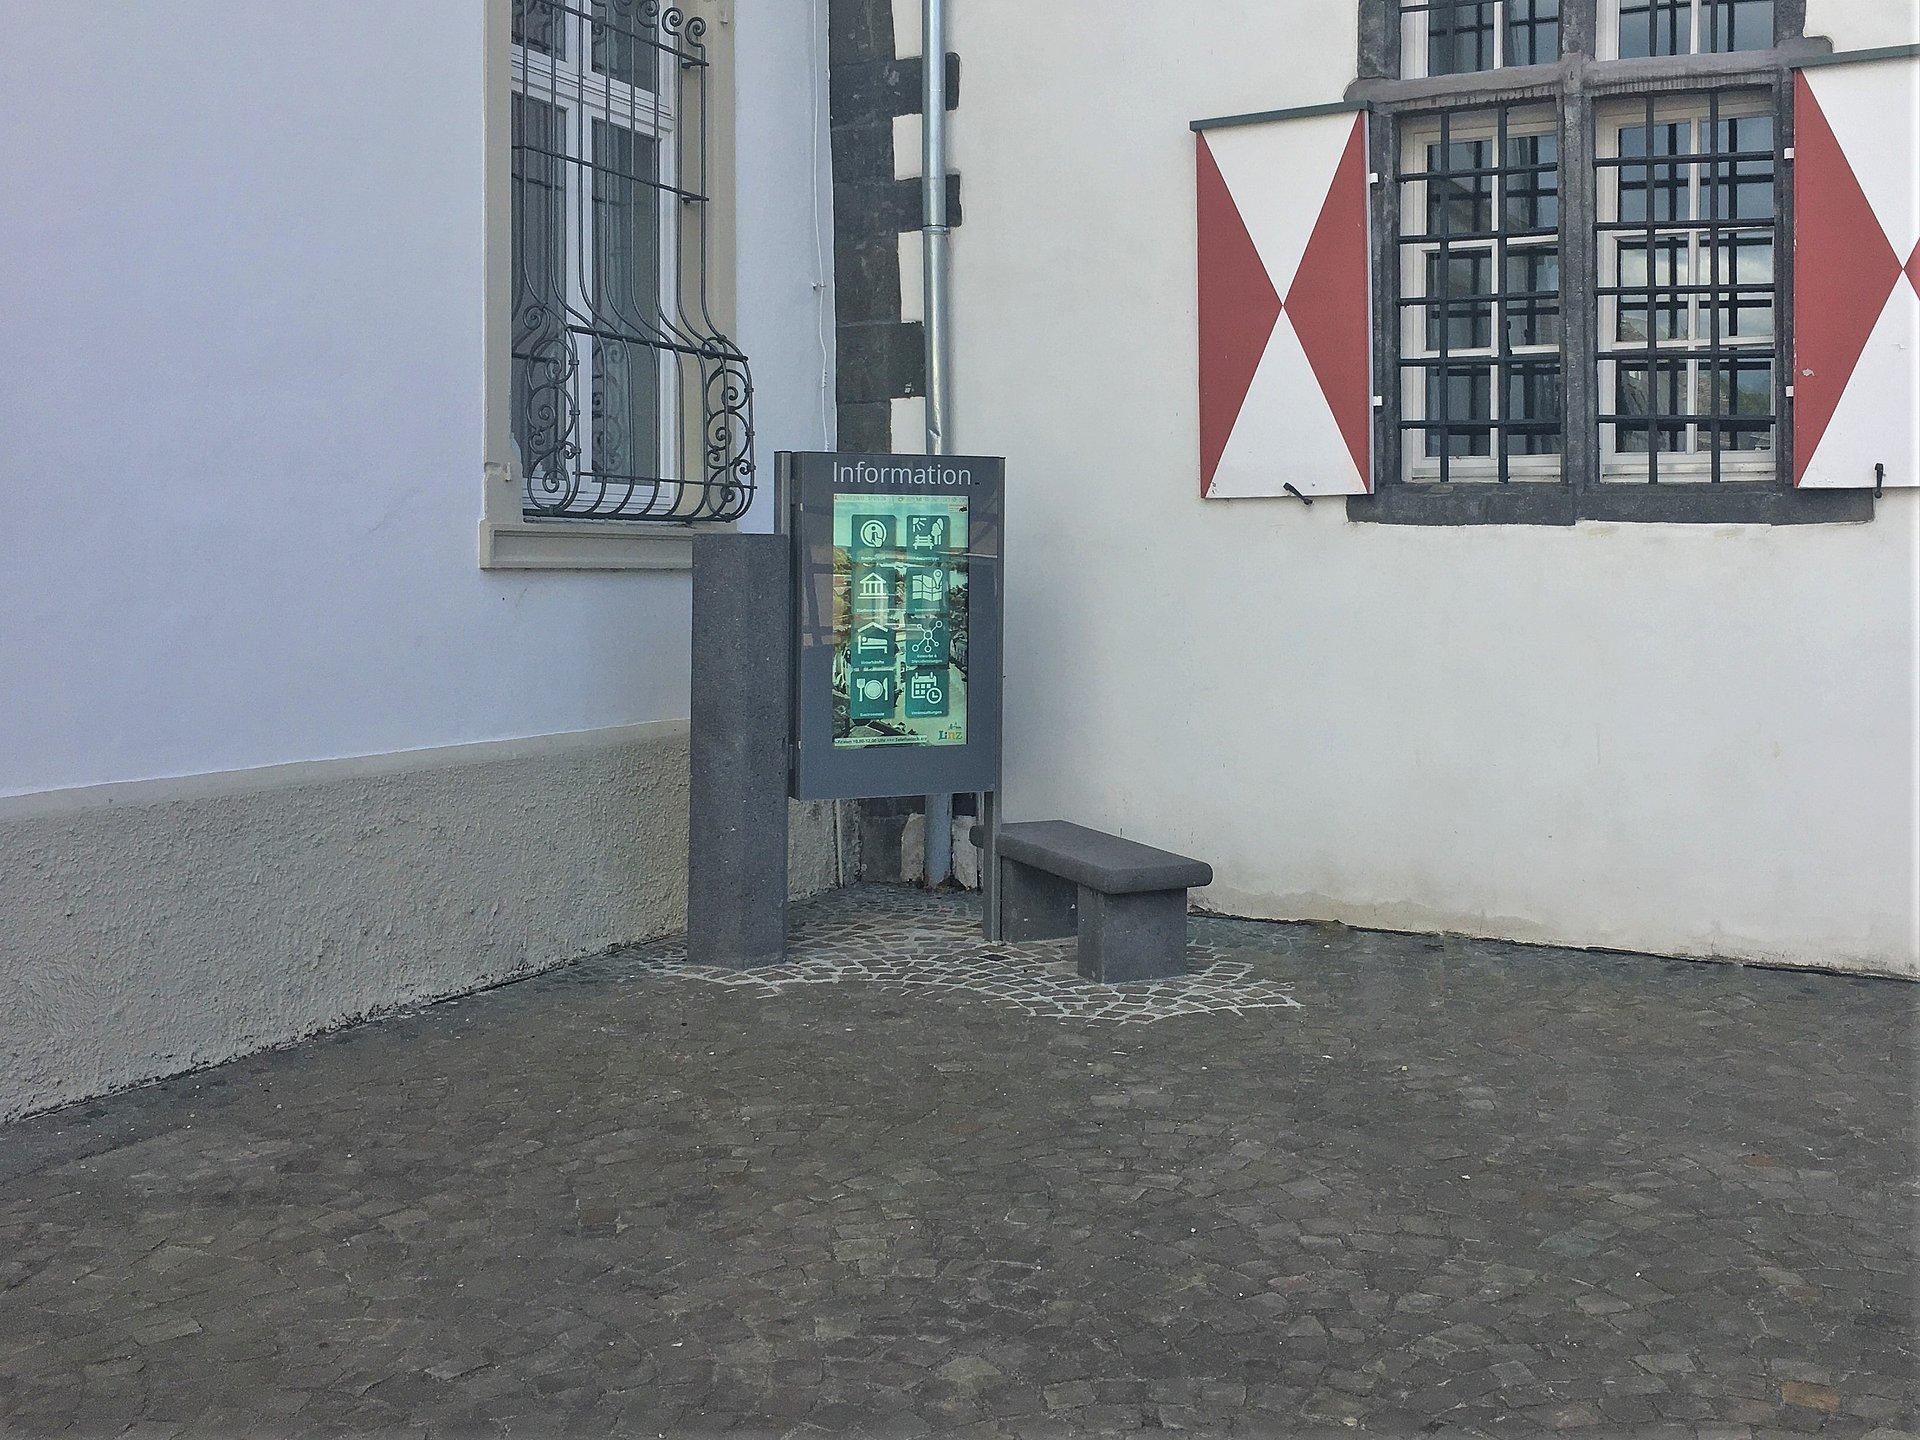 Informationsbildschirm vor dem Rathaus